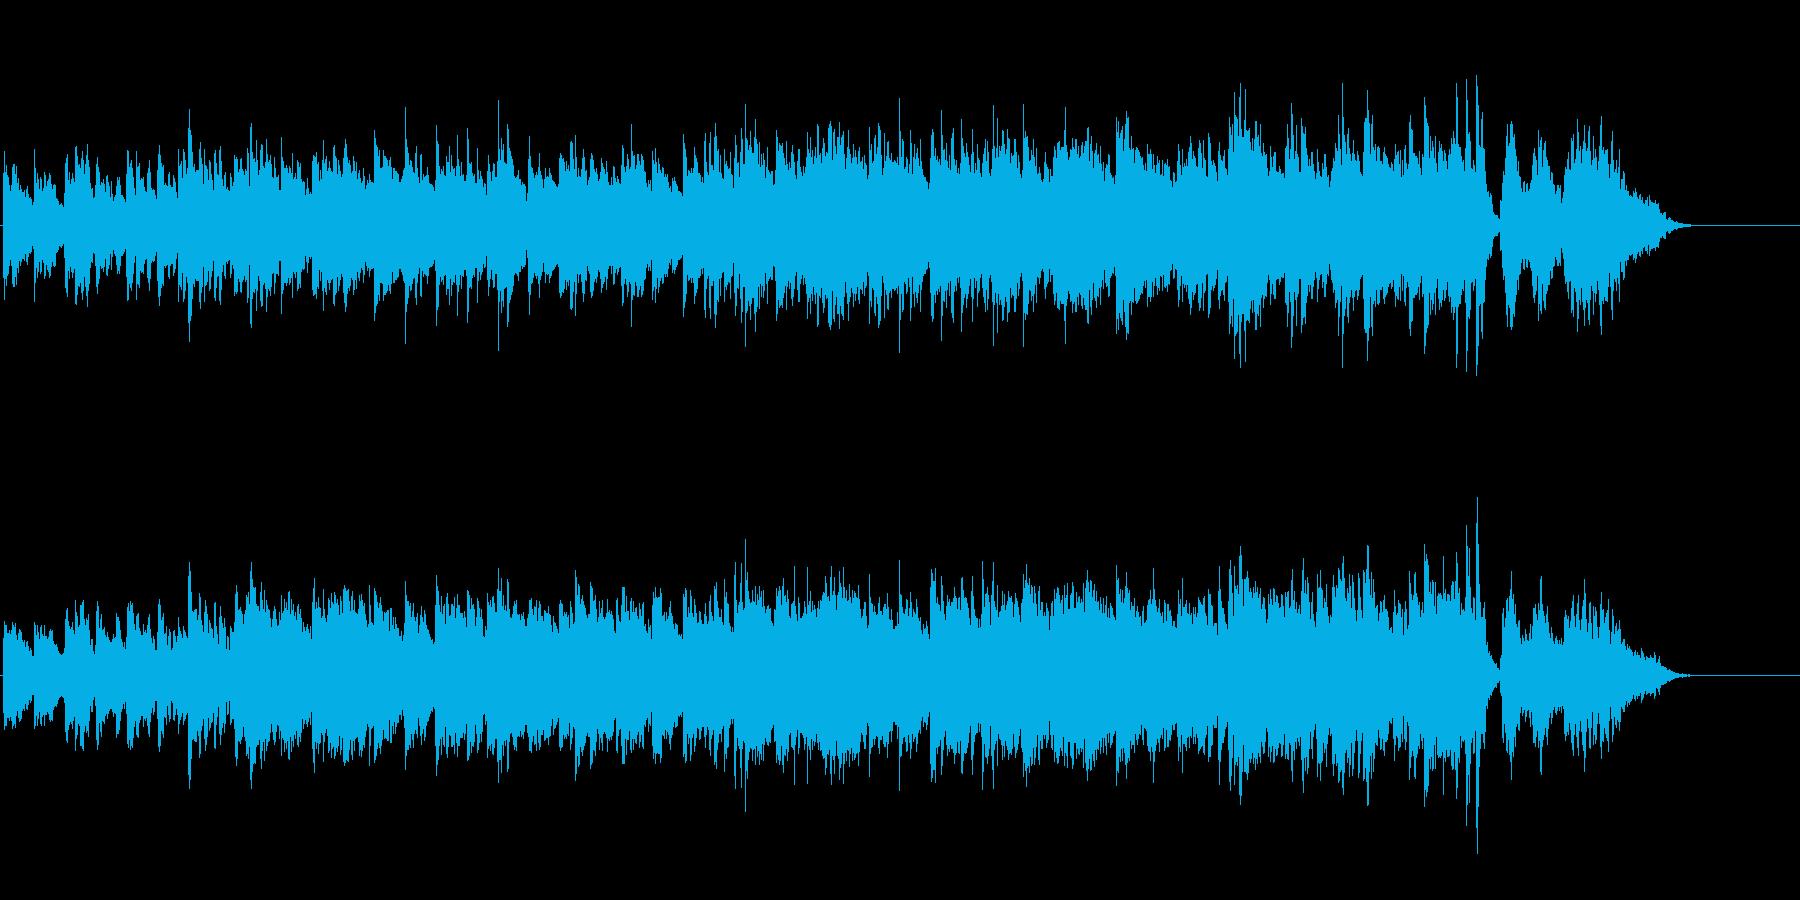 ゆったりとした環境音楽風の再生済みの波形